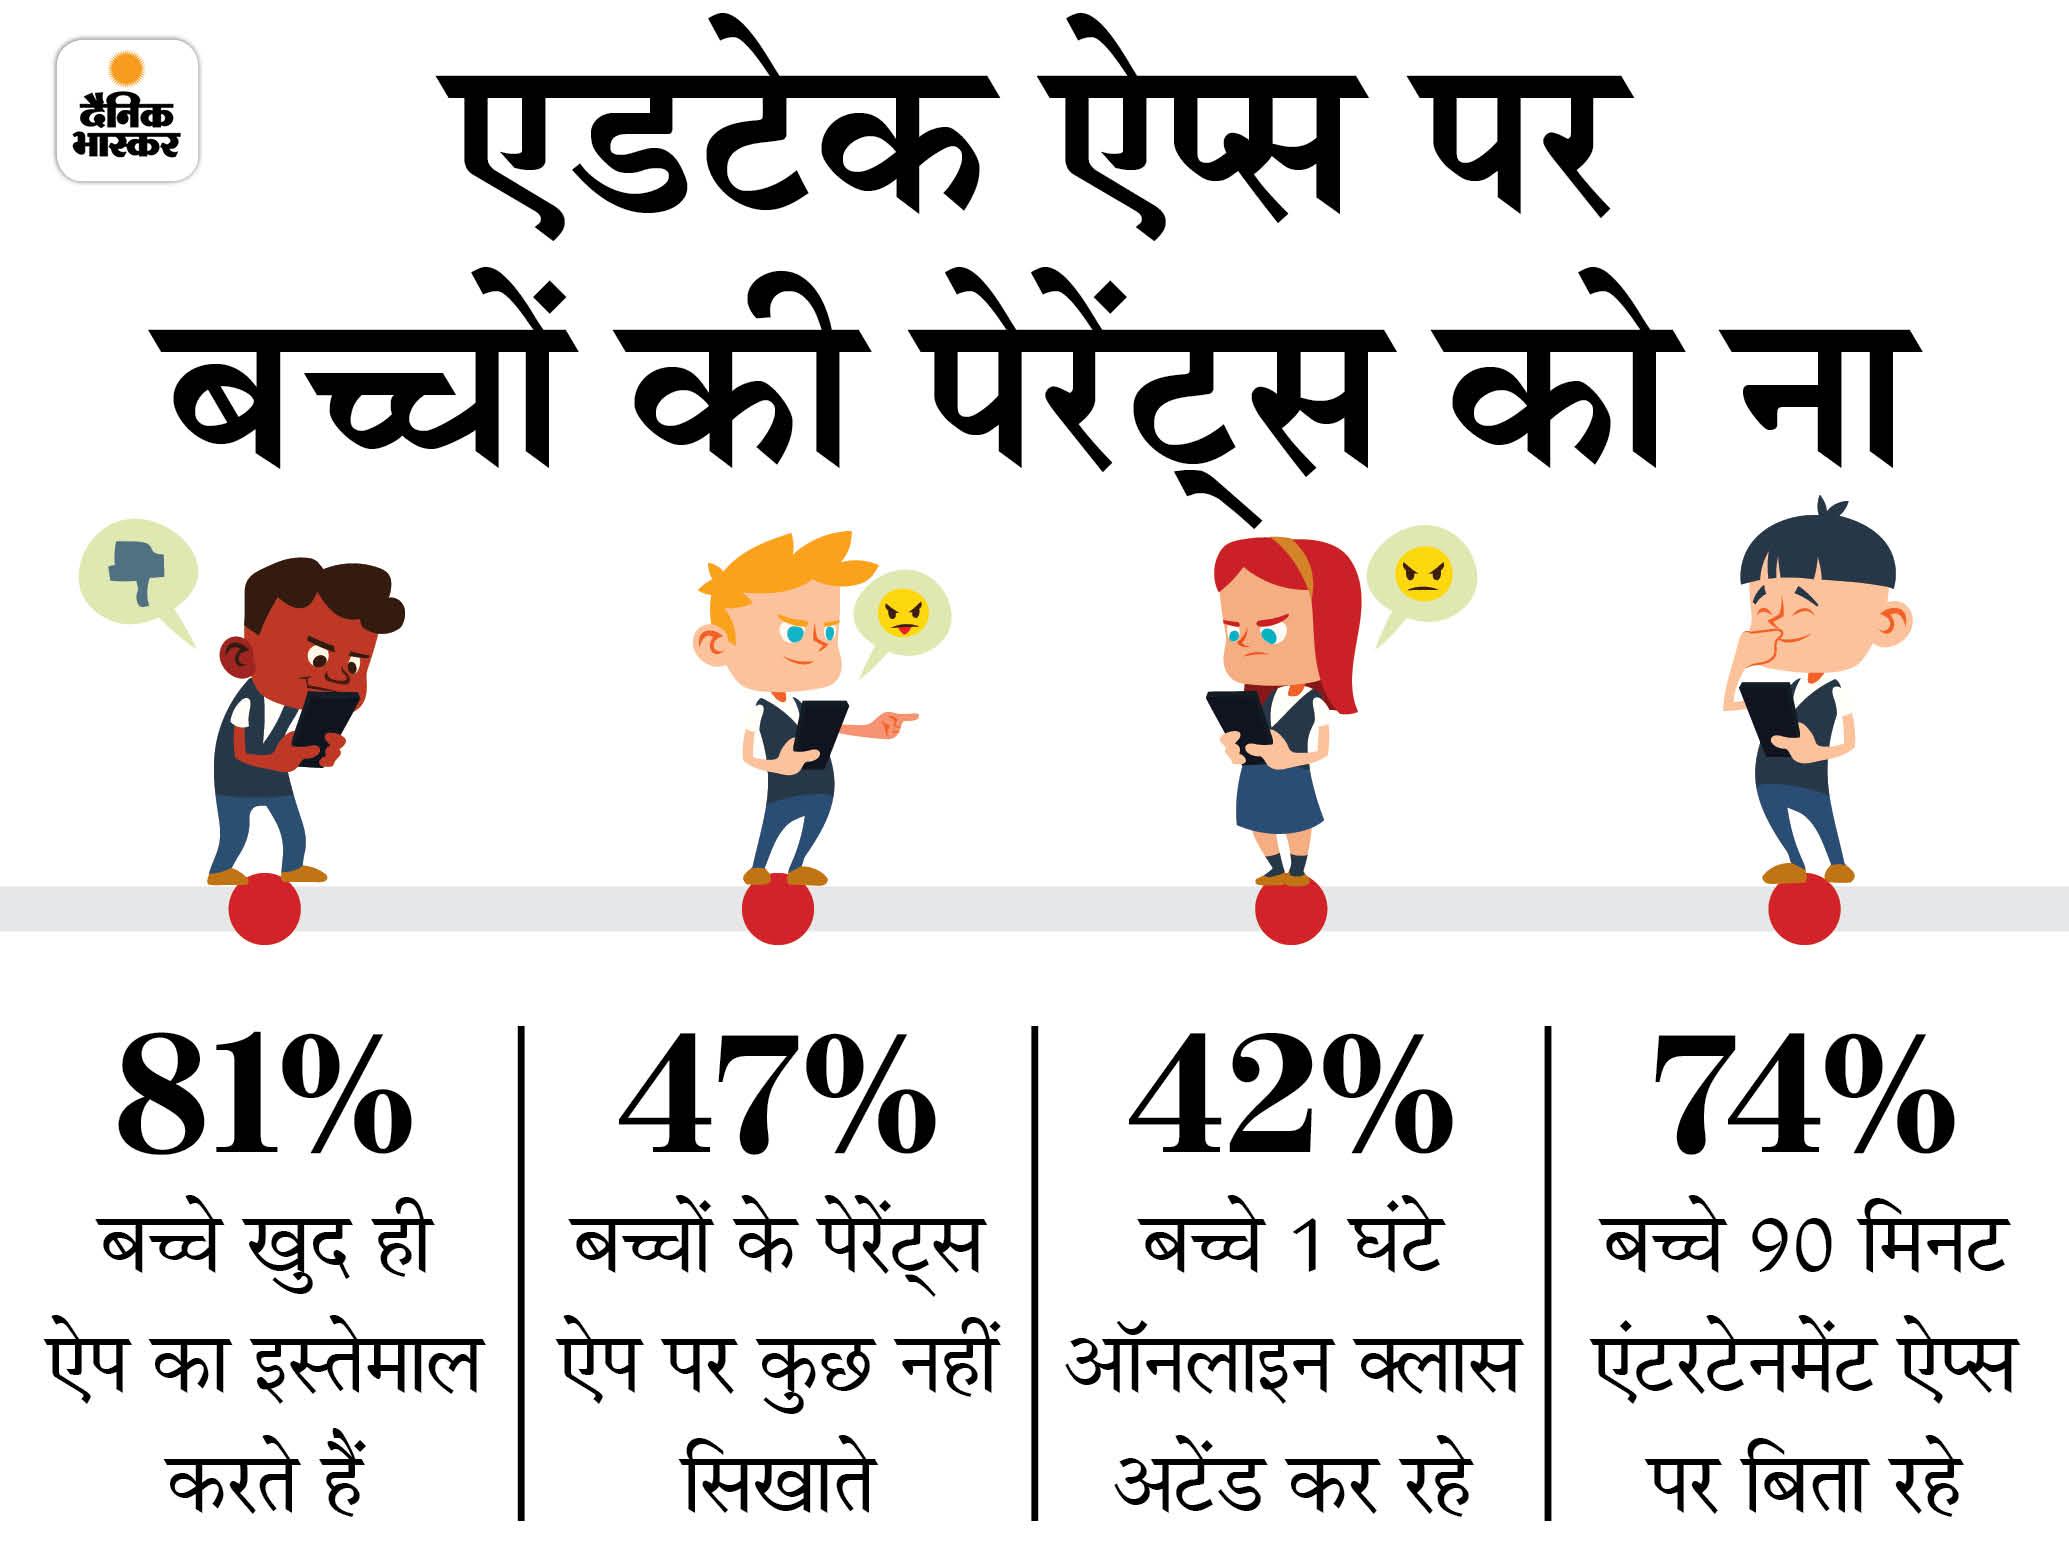 देश के 81% बच्चे एजुकेशन ऐप्स पर माता-पिता की मदद नहीं लेते, 67% डेली एक घंटा सोशल मीडिया पर बिता रहे|टेक & ऑटो,Tech & Auto - Dainik Bhaskar